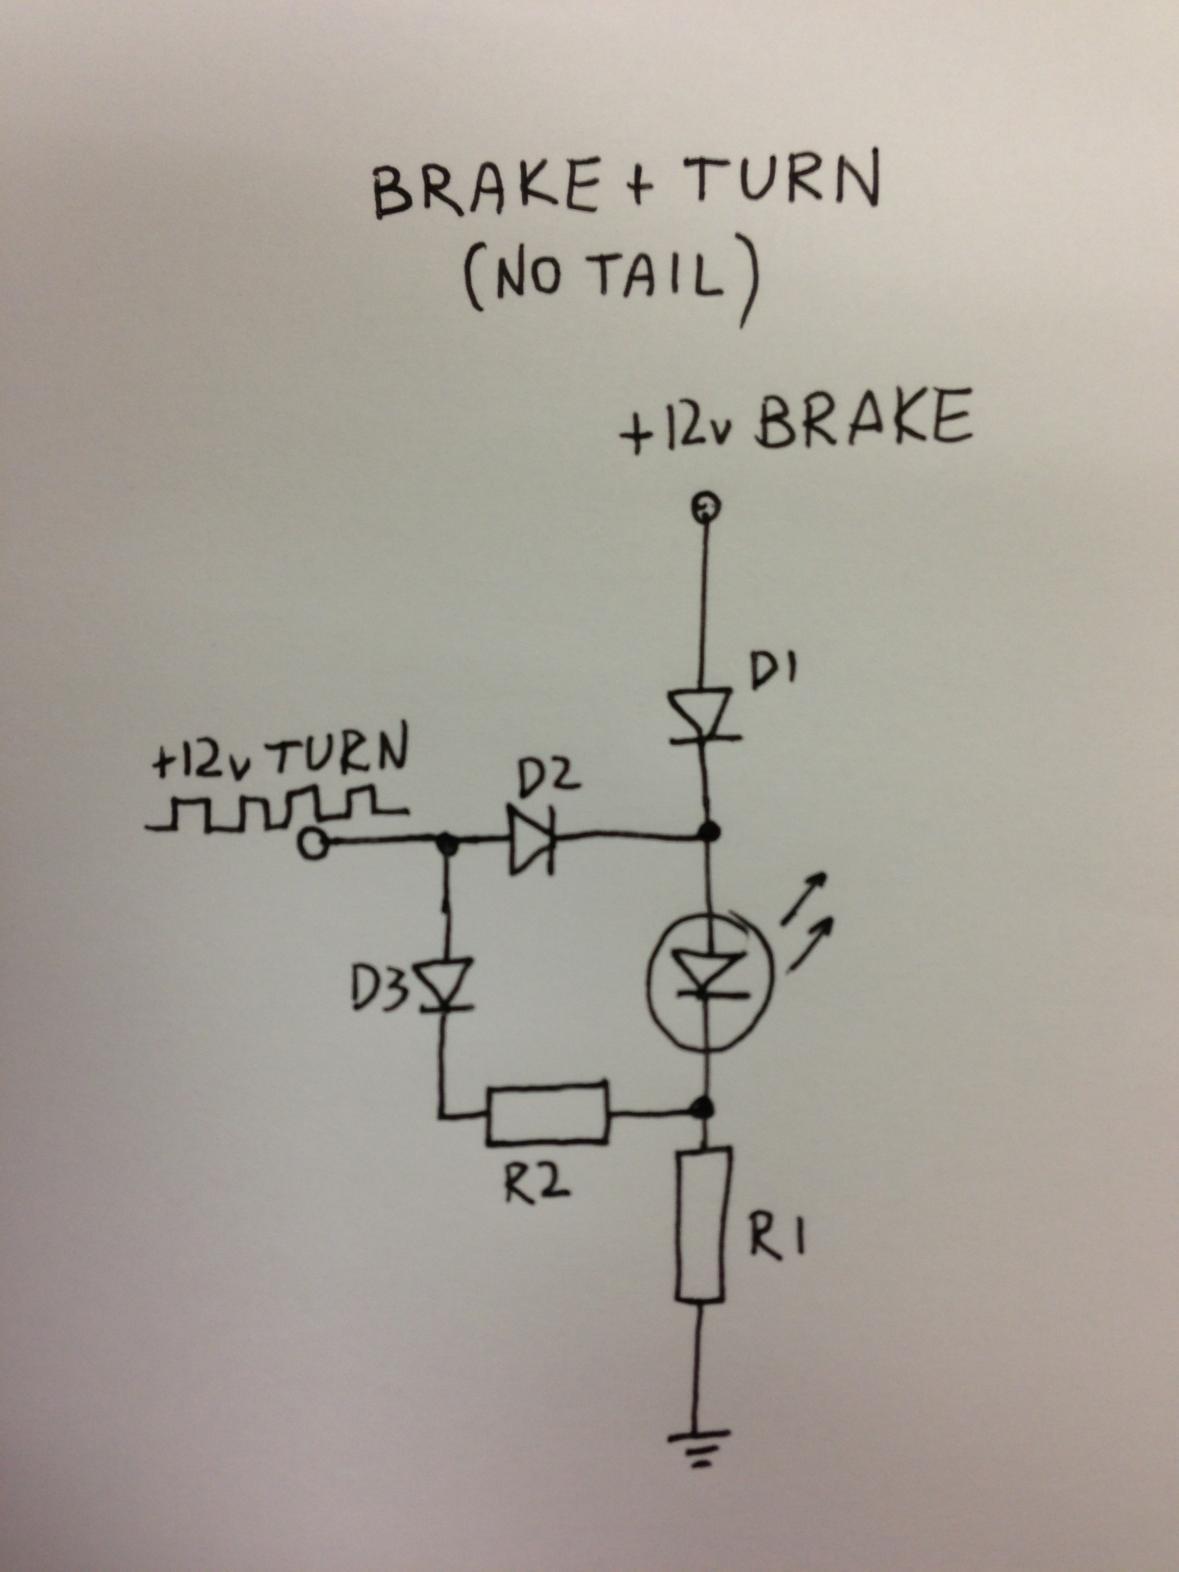 Single element LED to Running / Brake / Turn Signal-brake_turn.jpg